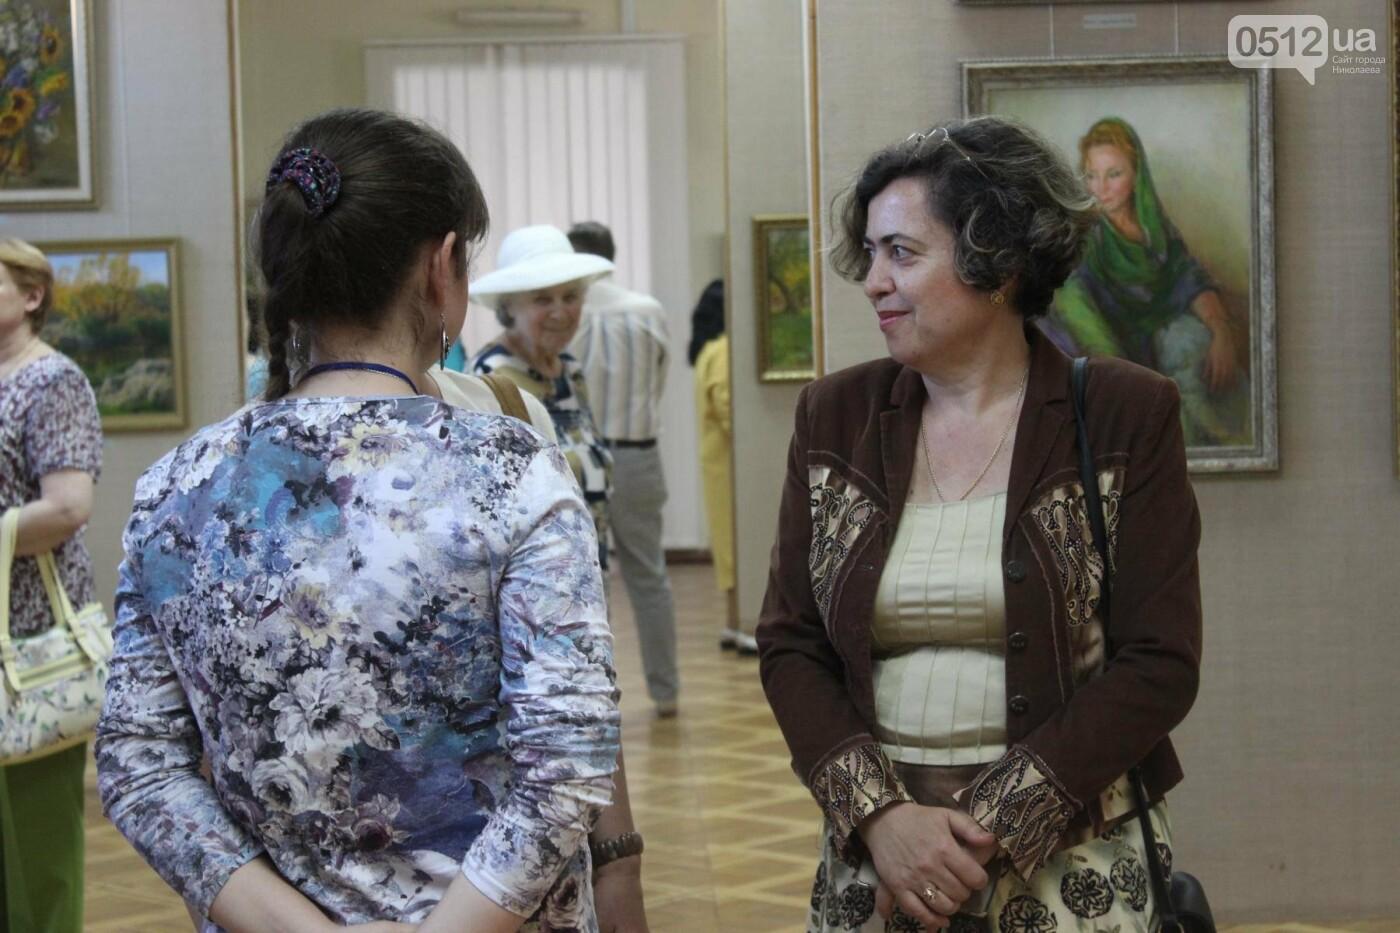 Николаевская художница Светлана Завтура презентовала свою юбилейную выставку, - ФОТО, фото-13